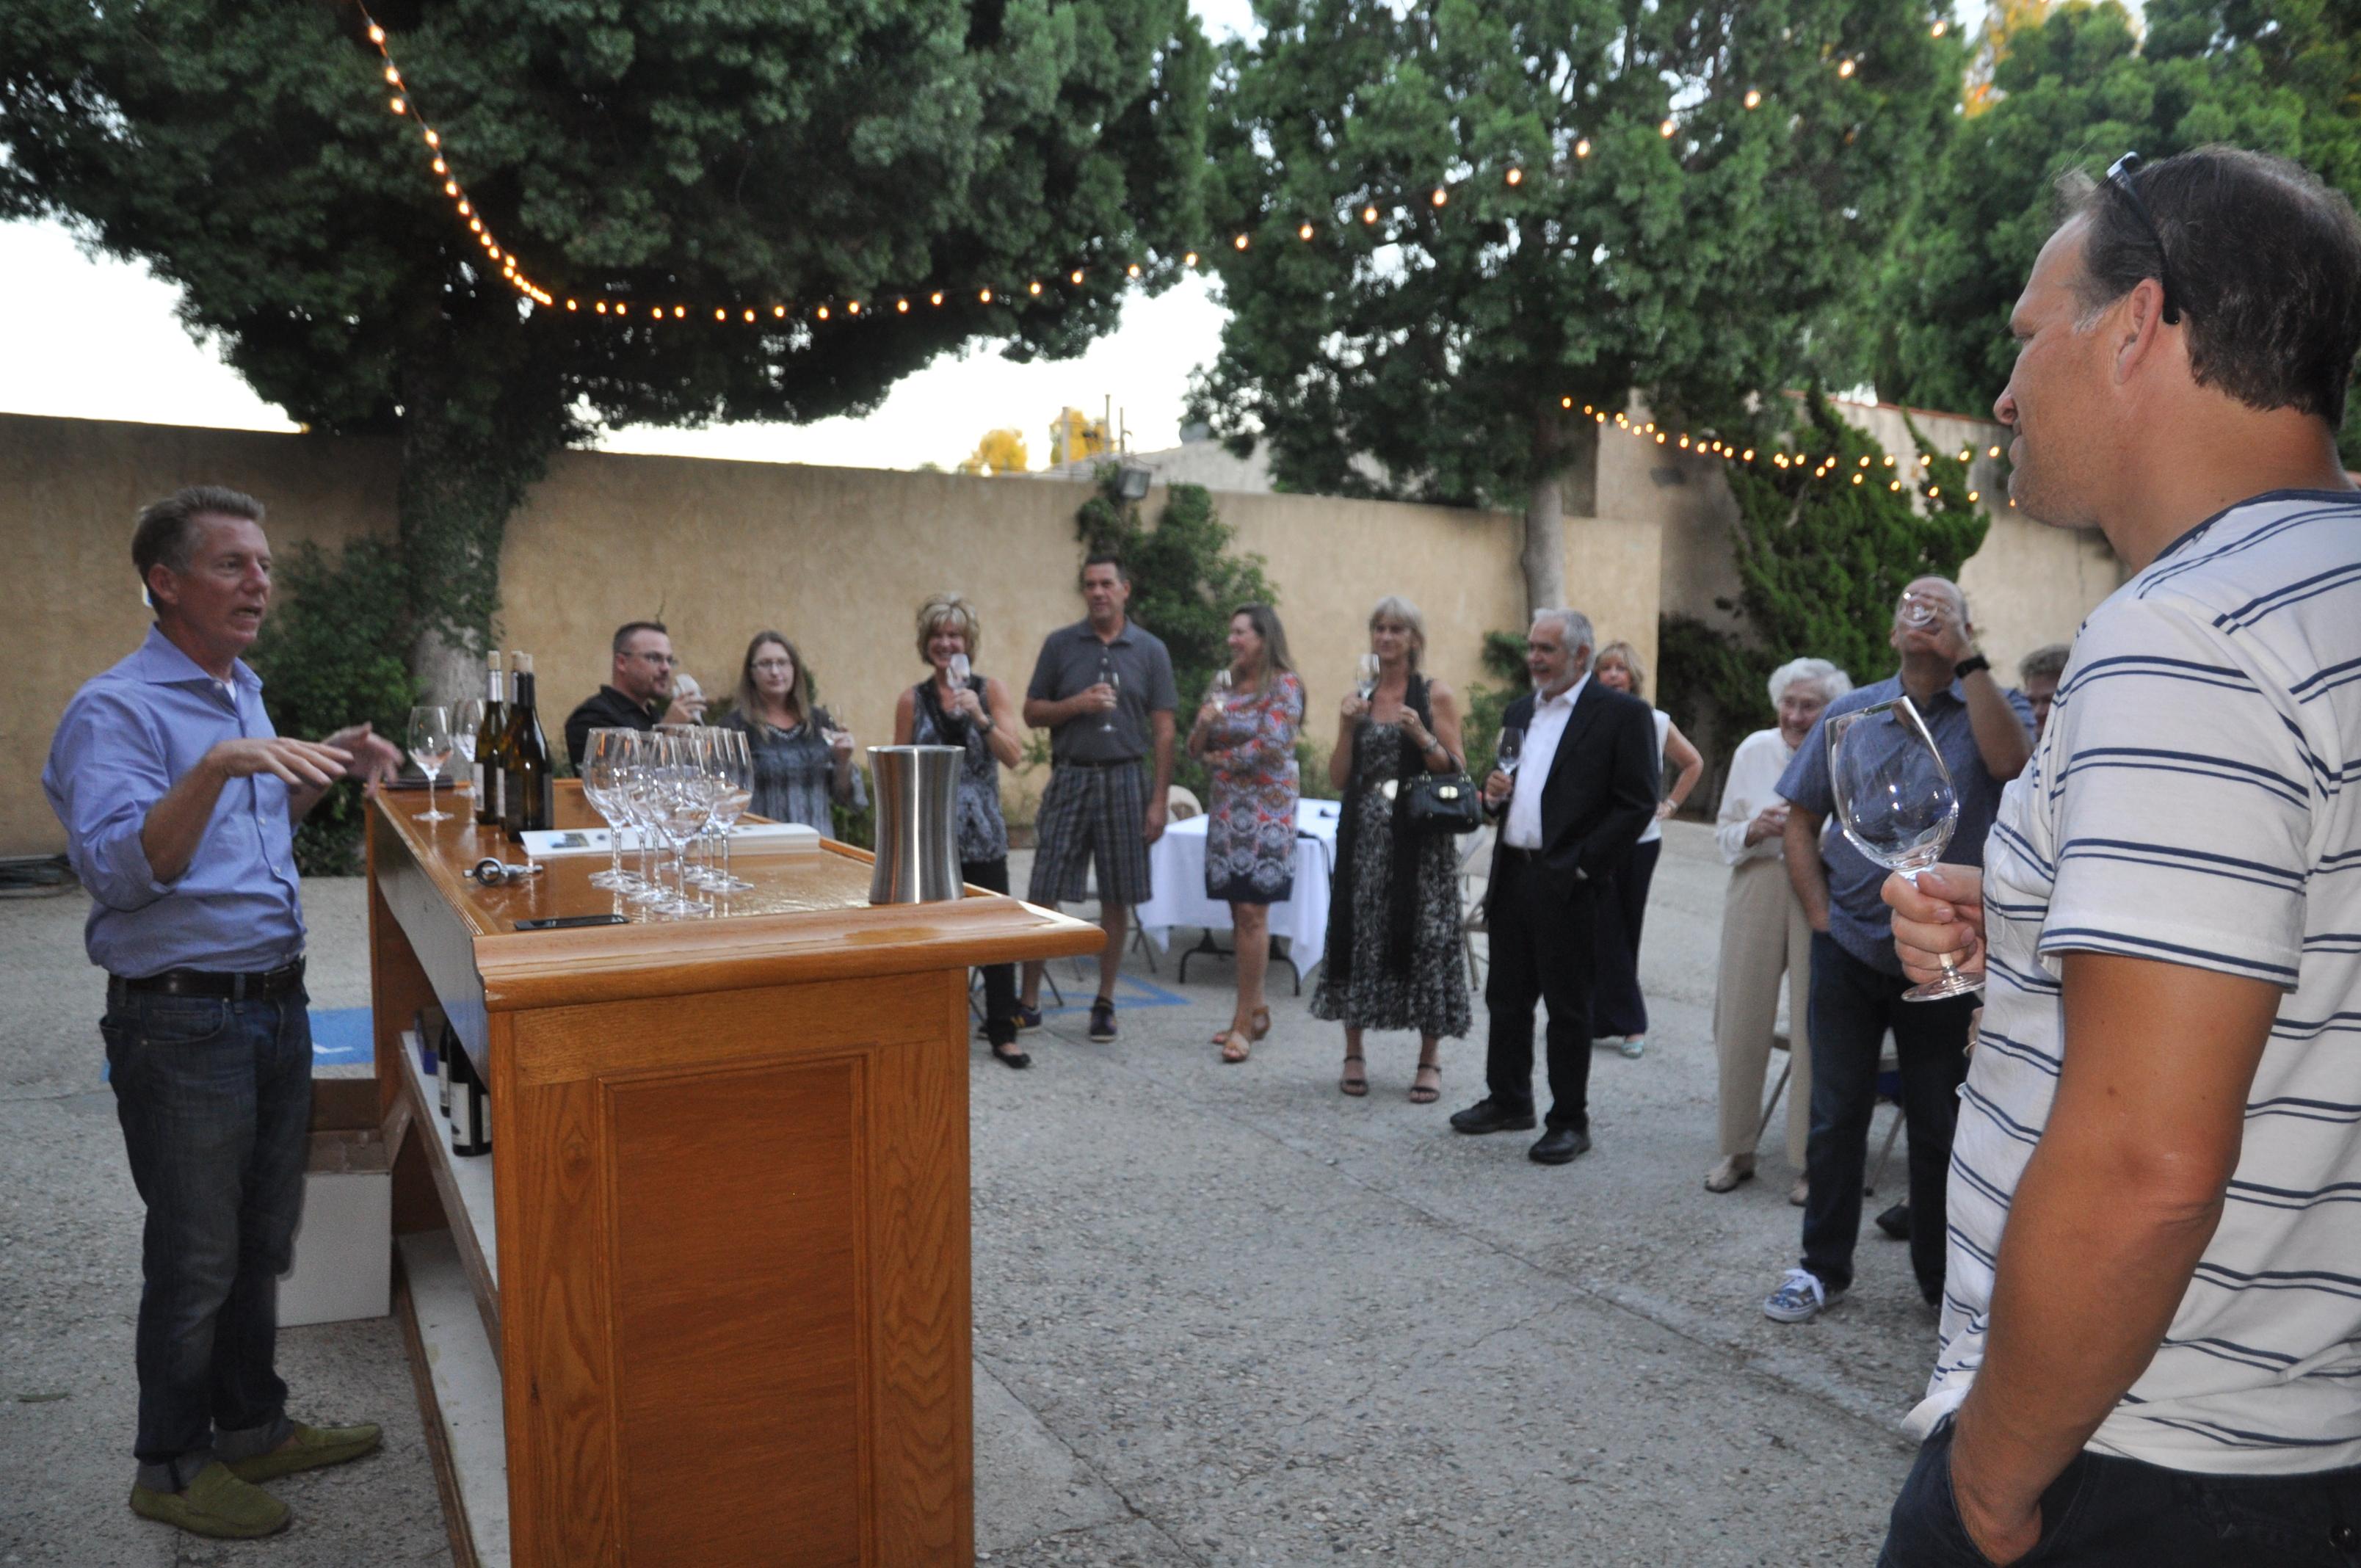 Moorpark Foundation Hosts Wine Tasting